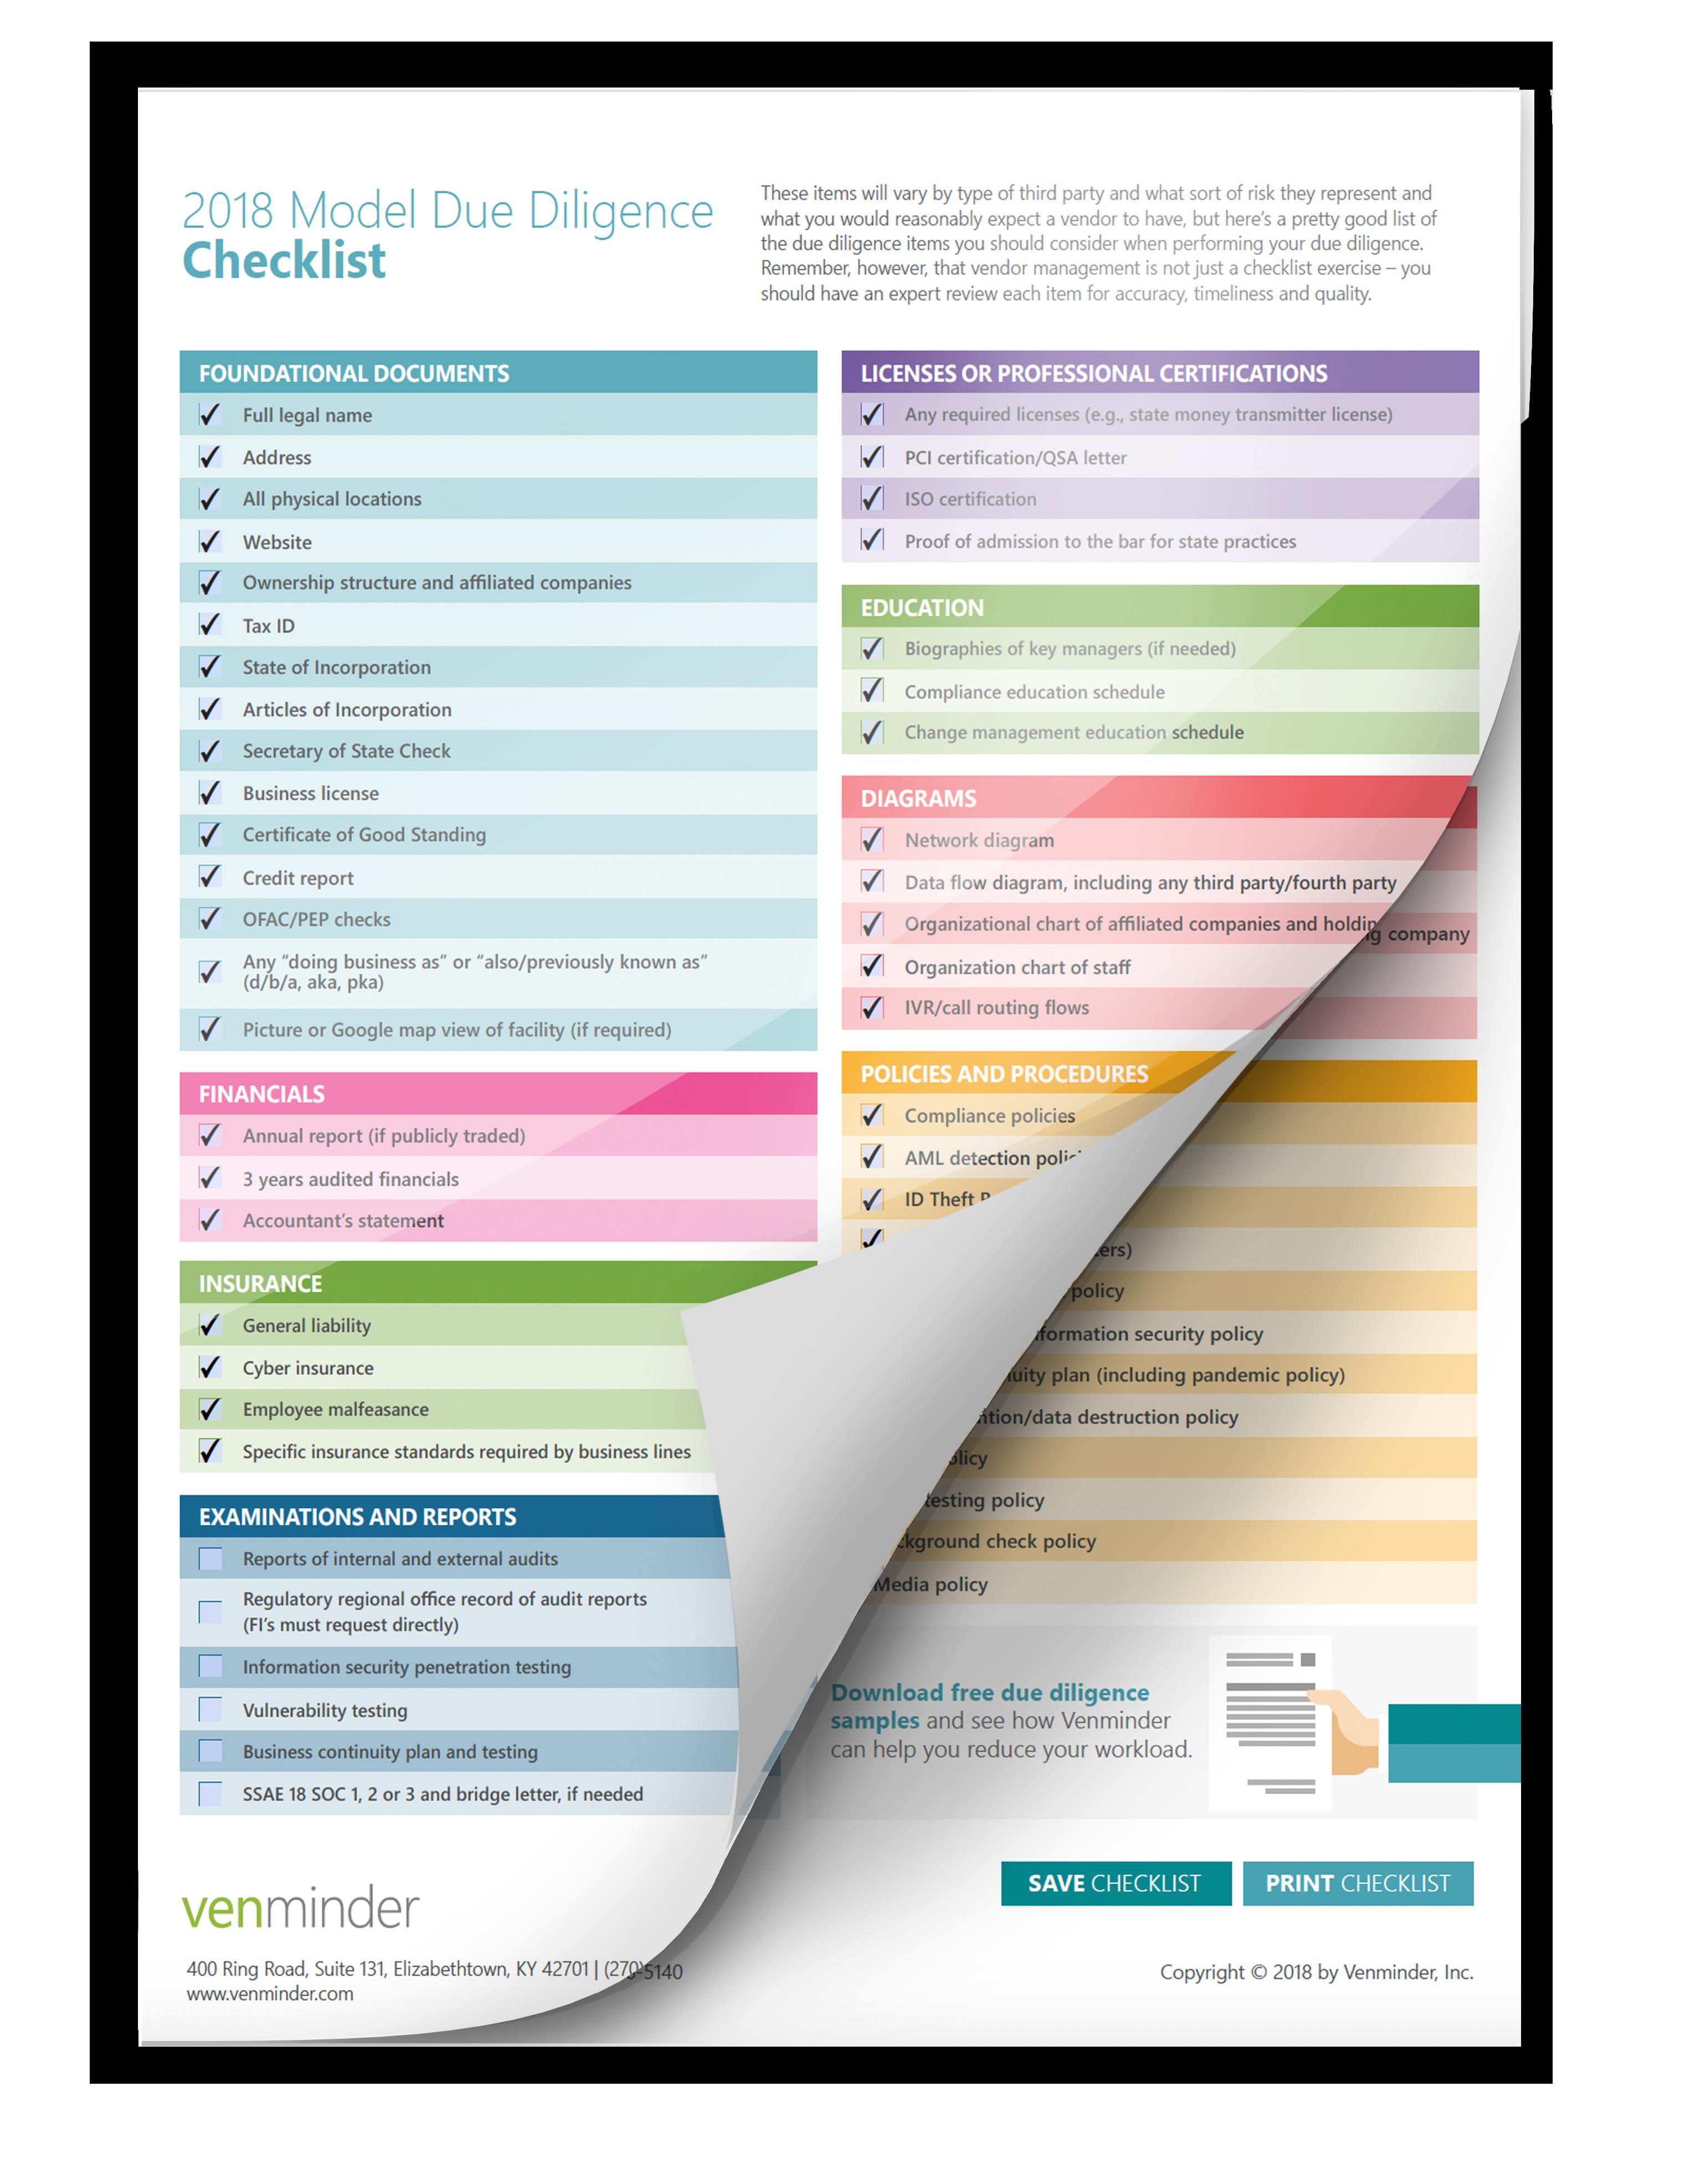 bank-credit-union-checklist-landing-2017-model-vendor-management-due-diligence.png